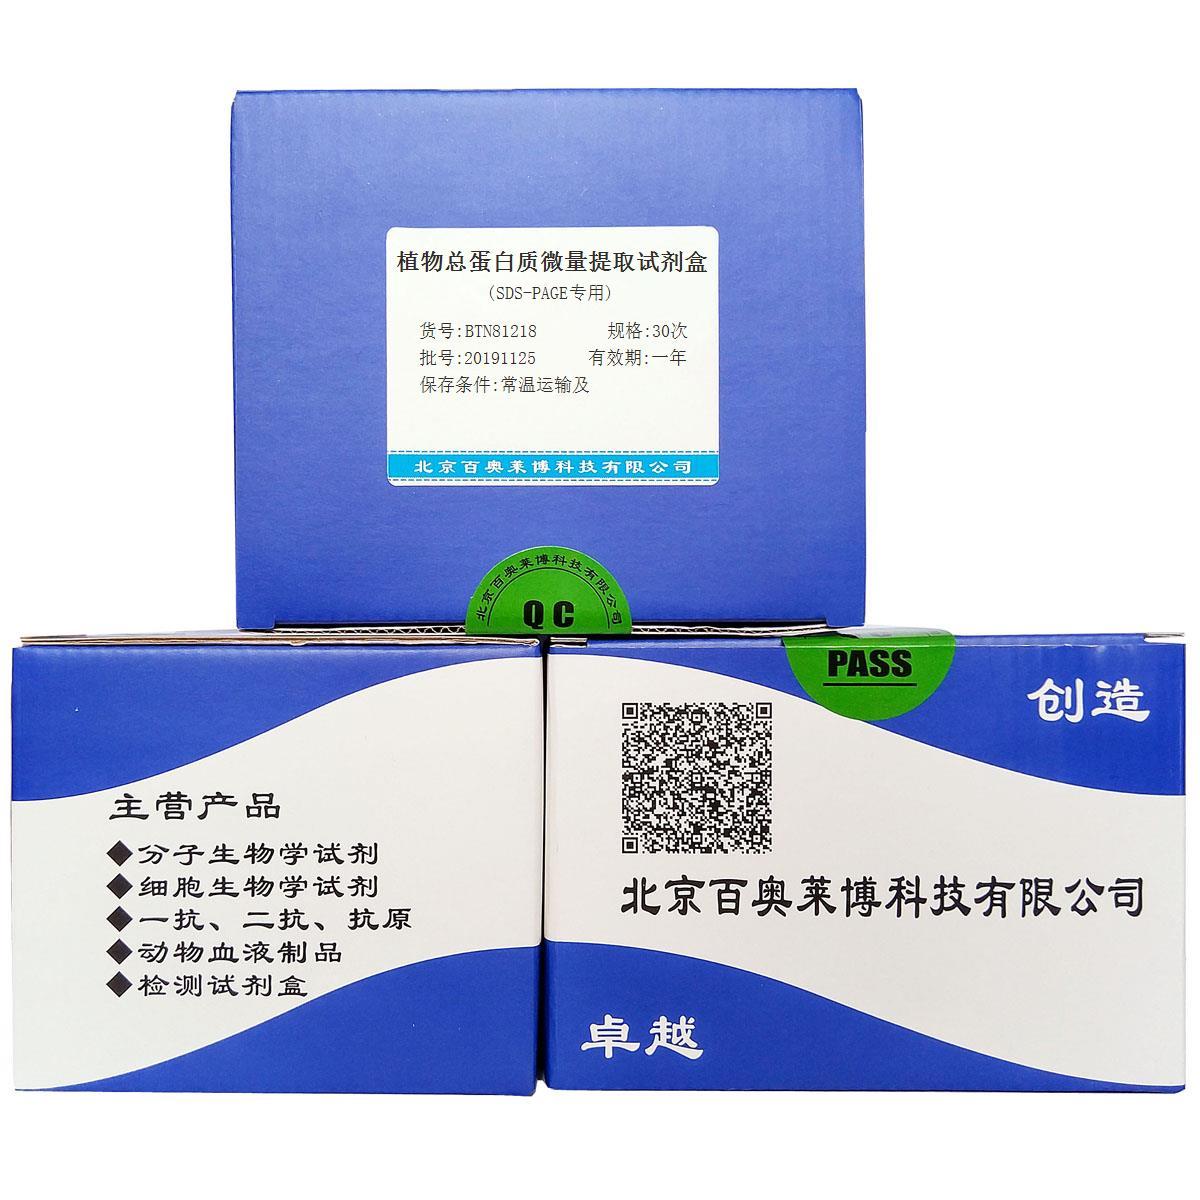 植物总蛋白质微量提取试剂盒(SDS-PAGE专用)